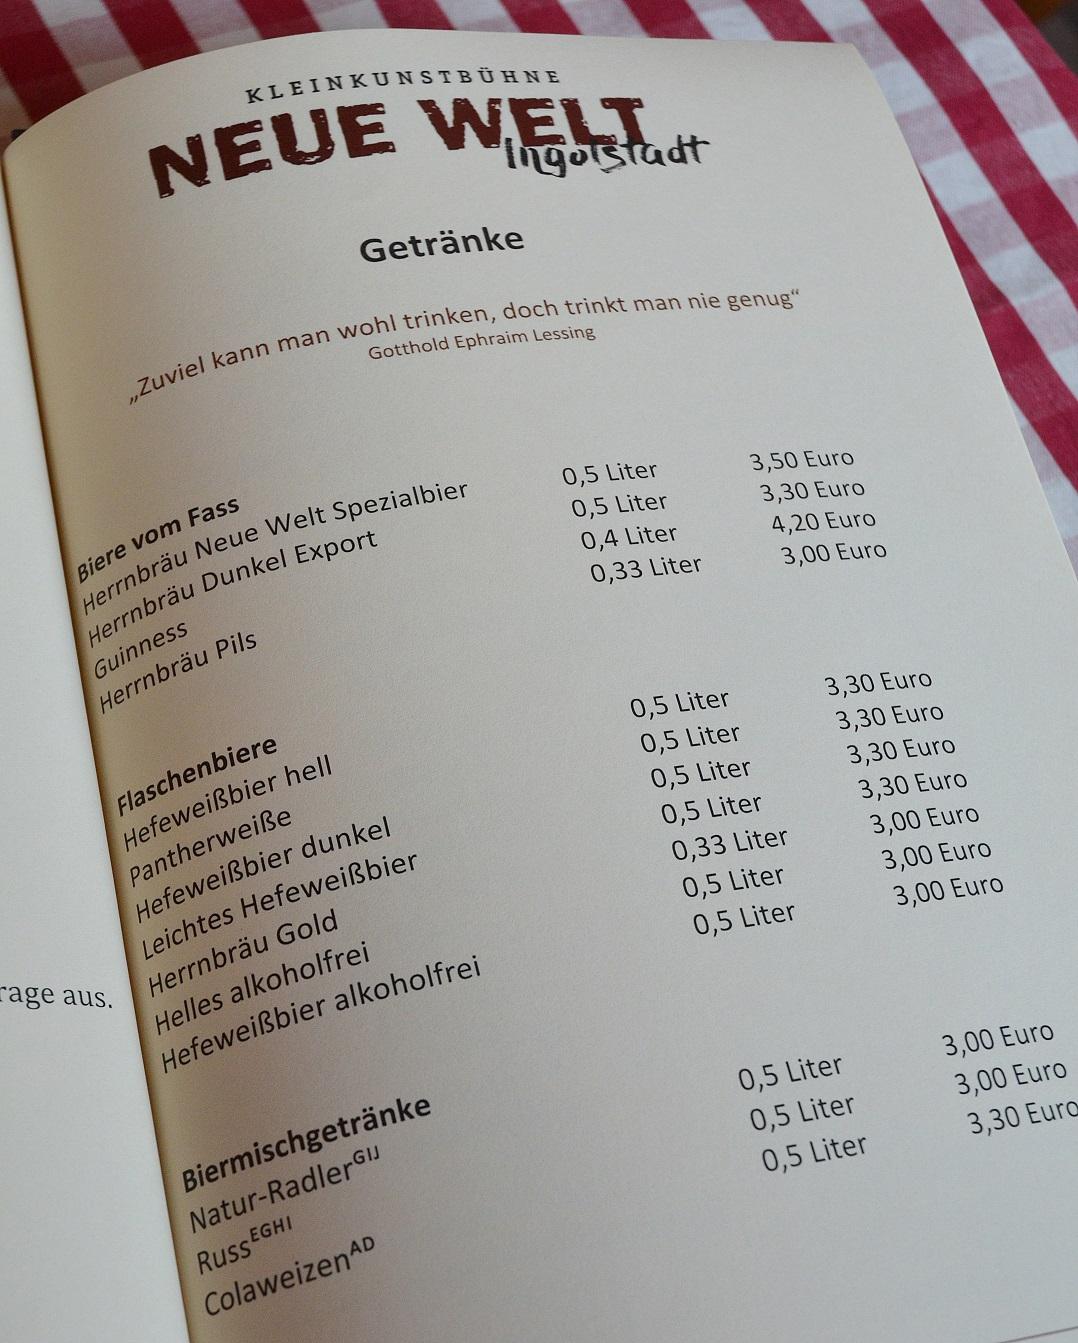 neue Neue Welt (11)